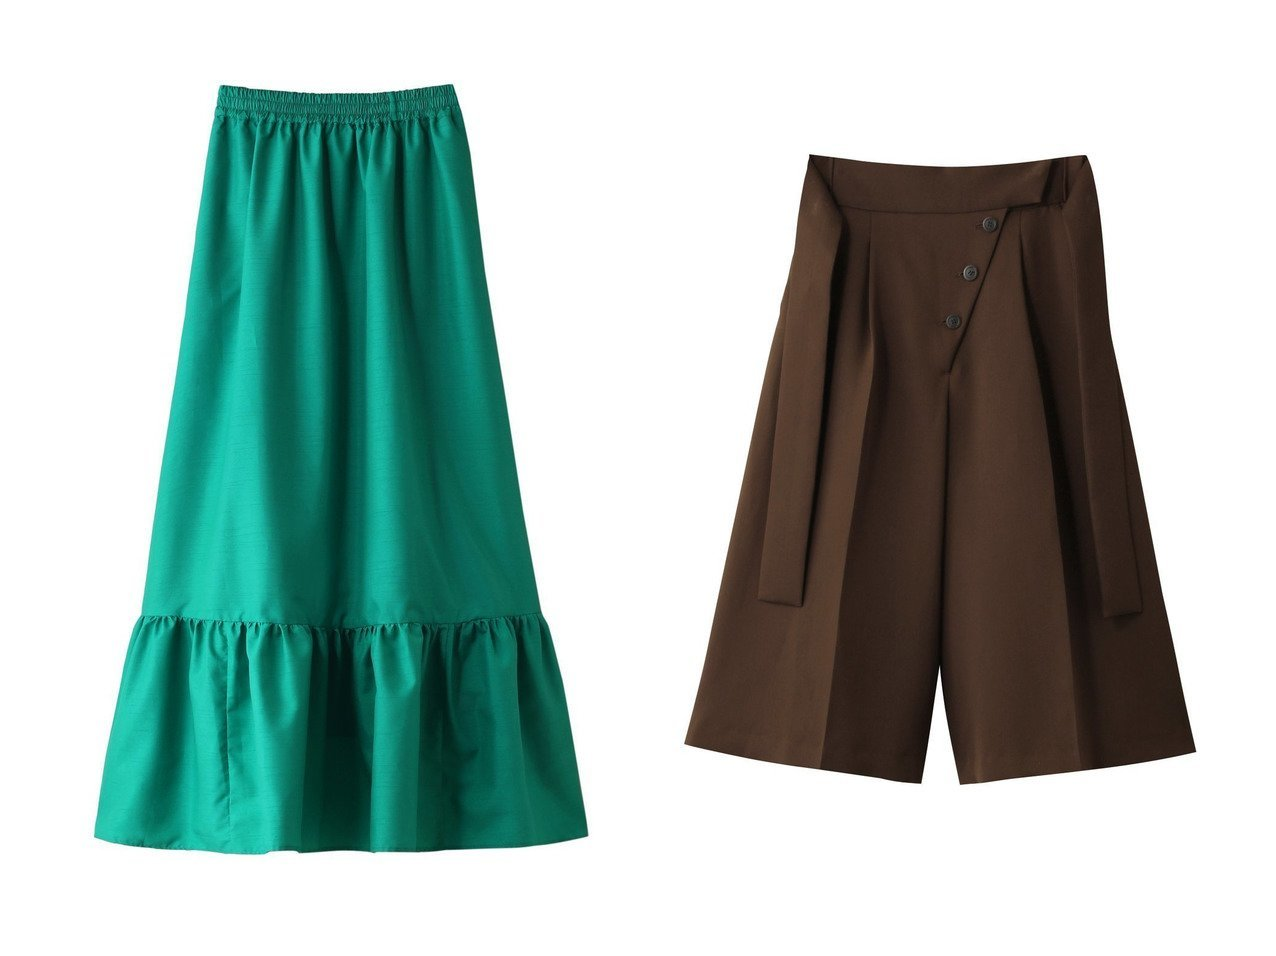 【Shinzone/シンゾーン】のシャンタンフリルスカート&【RITO/リト】のマットサテンキュロット スカートのおすすめ!人気、レディースファッションの通販 おすすめで人気のファッション通販商品 インテリア・家具・キッズファッション・メンズファッション・レディースファッション・服の通販 founy(ファニー) https://founy.com/ ファッション Fashion レディース WOMEN スカート Skirt ロングスカート Long Skirt キュロットスカート Culotte Skirt ガーリー ドレス フリル ロング キュロット サテン センター フロント |ID:crp329100000000070